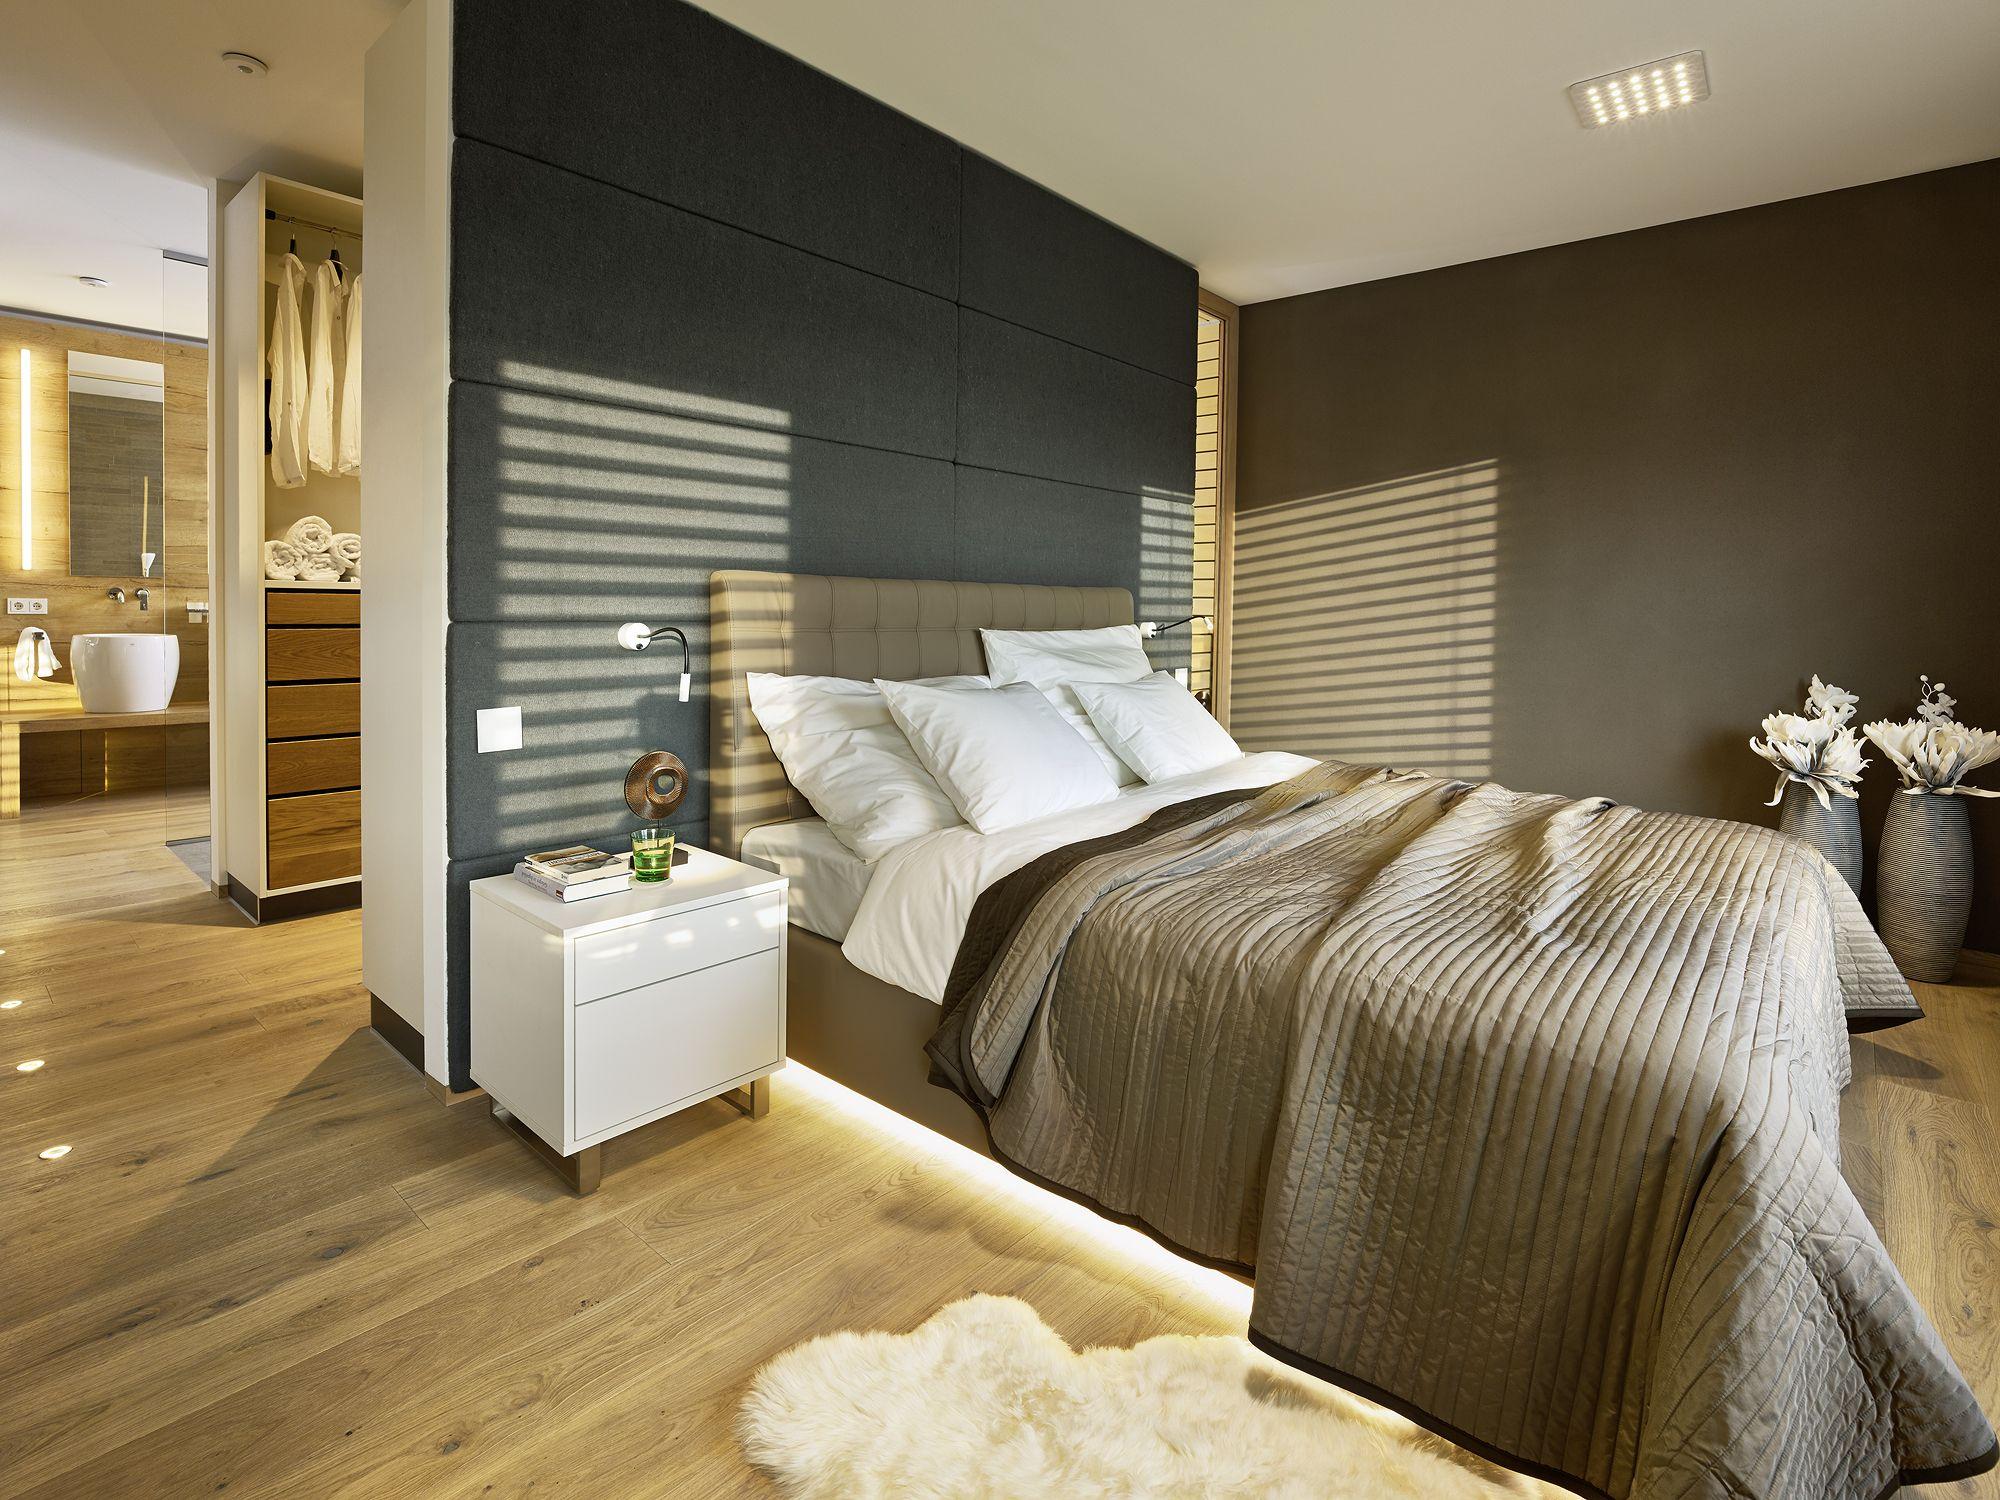 Schlafzimmerideen für das Smart Home #loxone #homautomation #hausautomation #softwaredesign